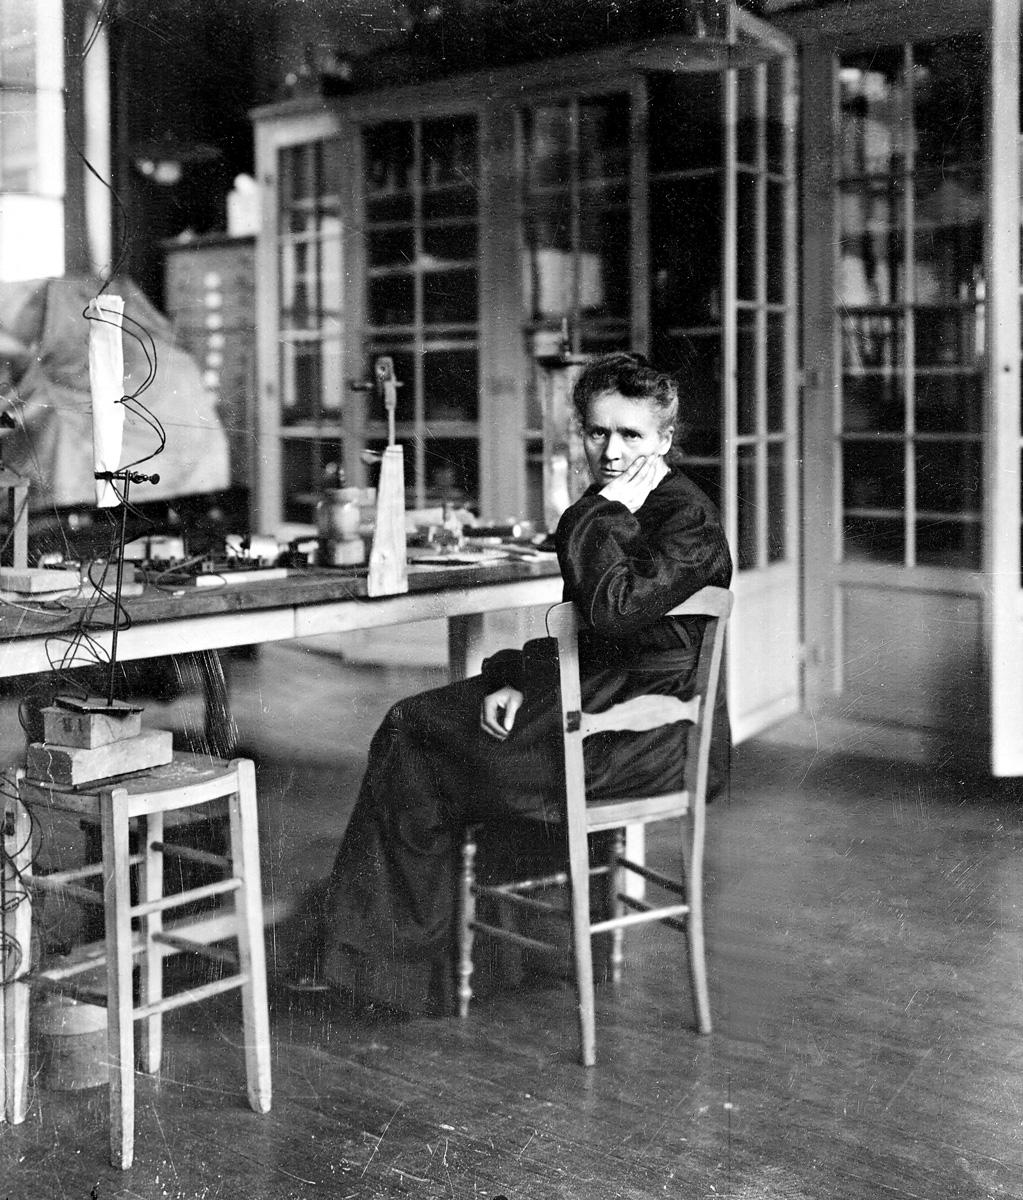 Marie Curie (1867-1934), physicienne française, dans son premier laboratoire installé dans un hangar de l'EPCI, rue Lhomond. Paris (Vème arr.), vers 1905.